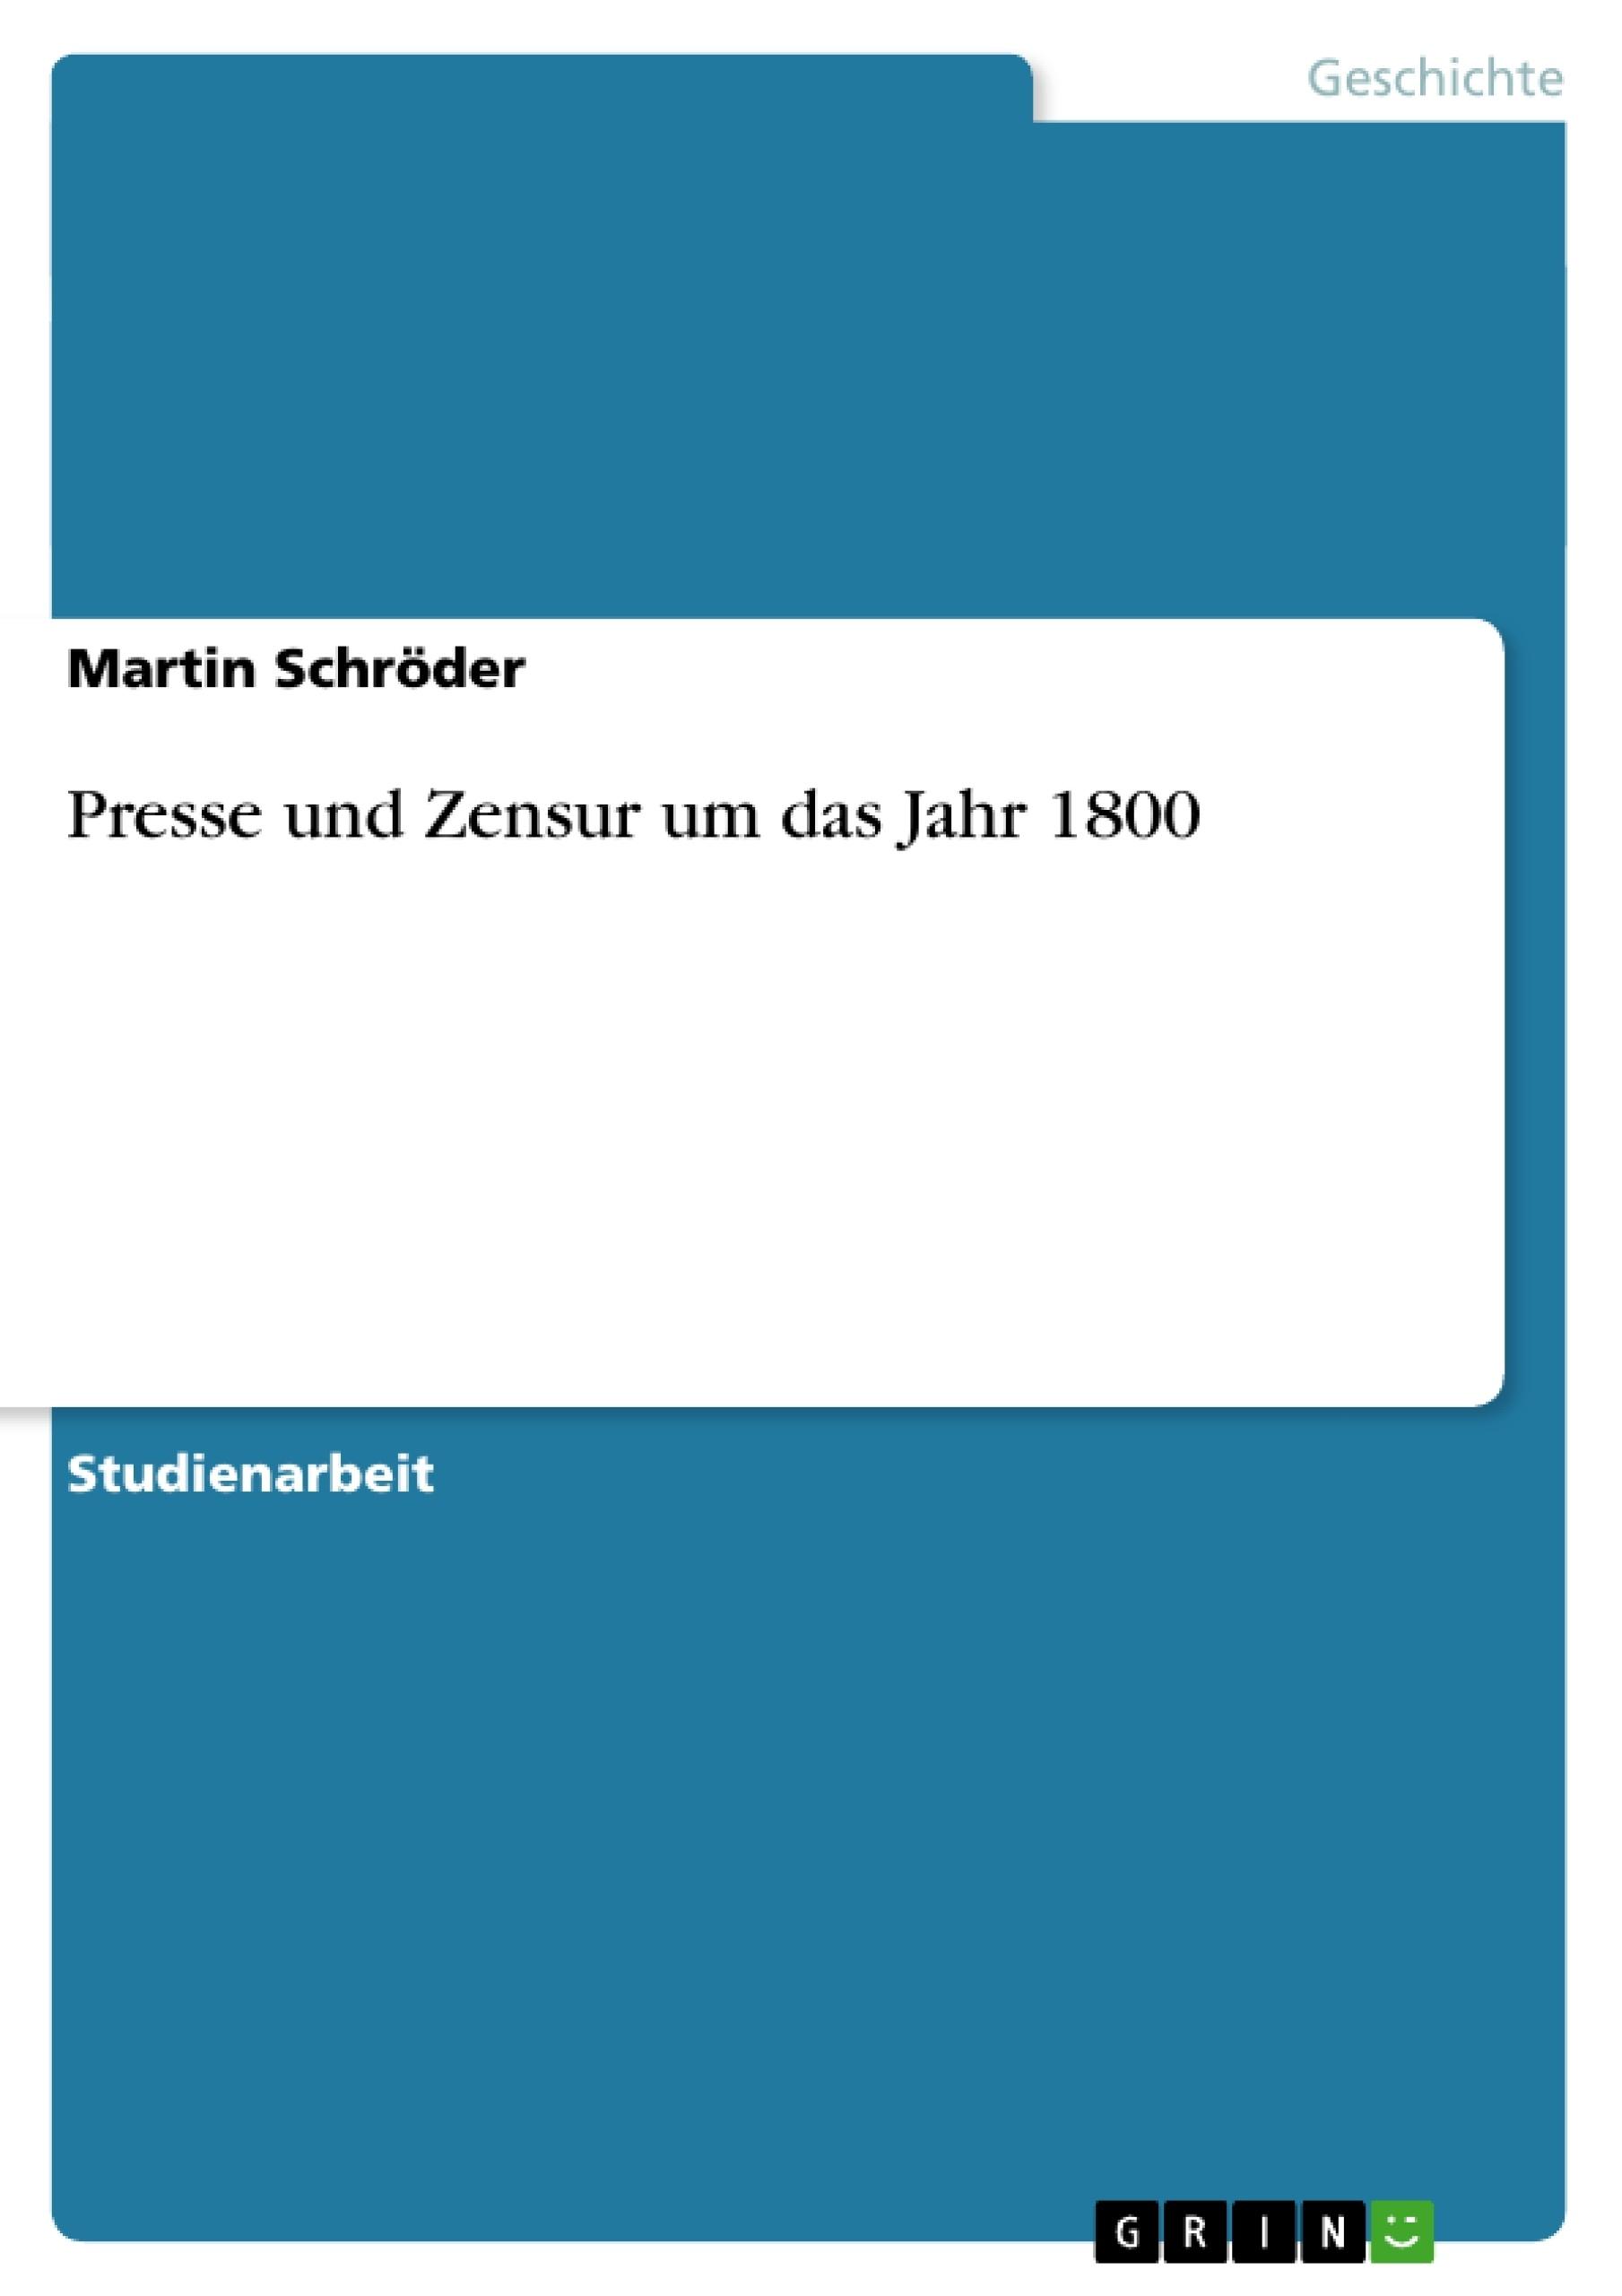 Titel: Presse und Zensur um das Jahr 1800